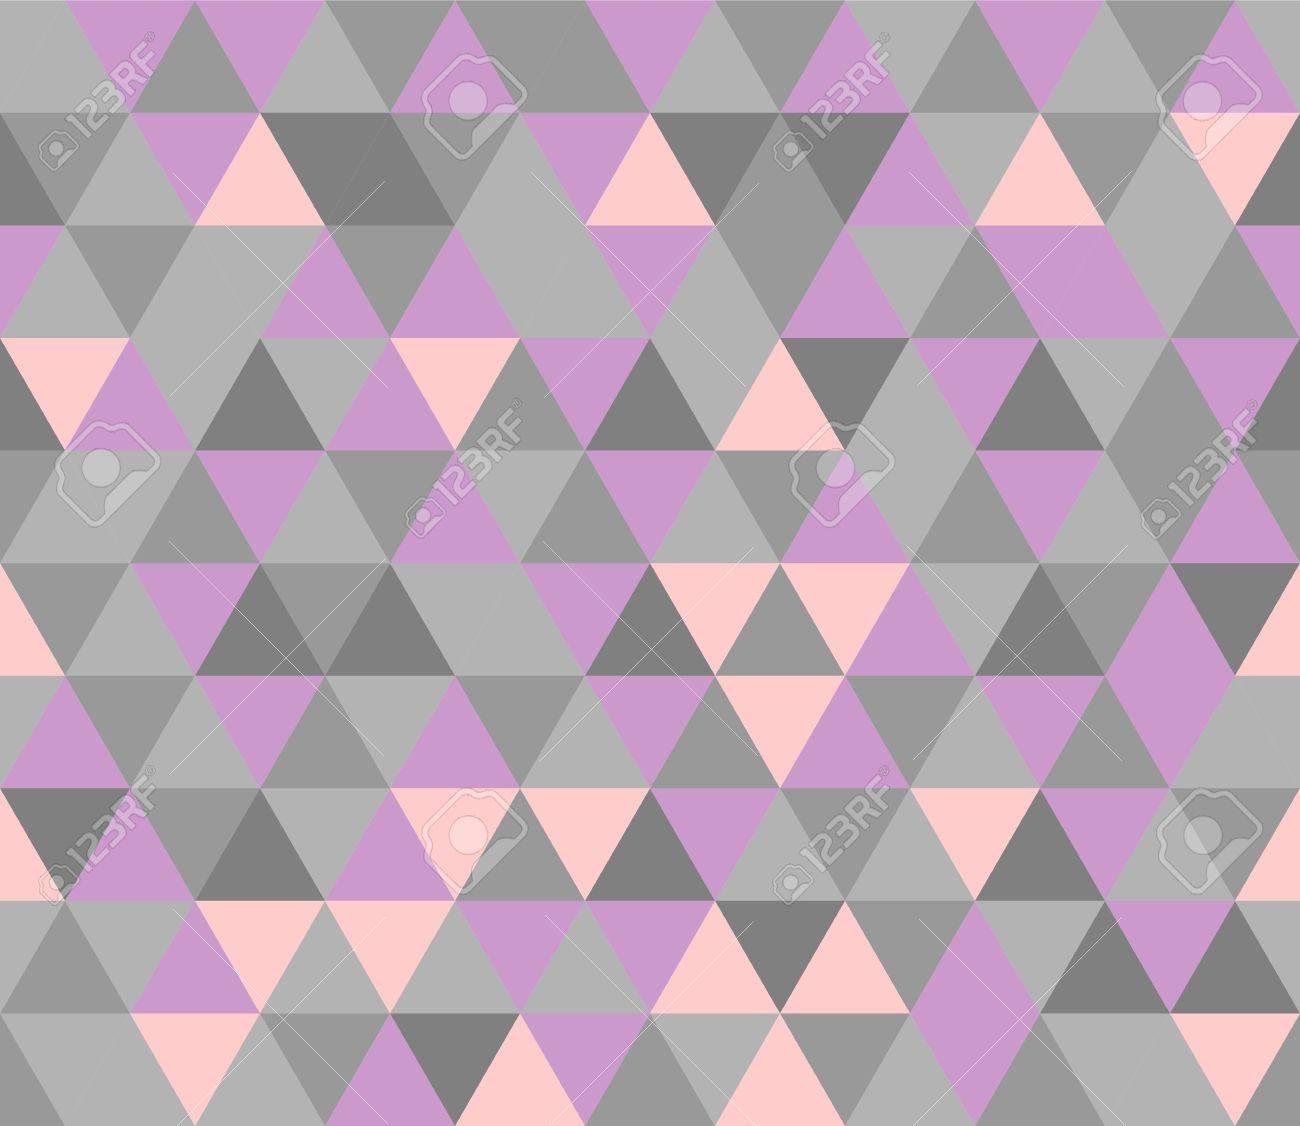 Violette Tile De Surface D Emballage Plat Et Gris Modele Vectoriel